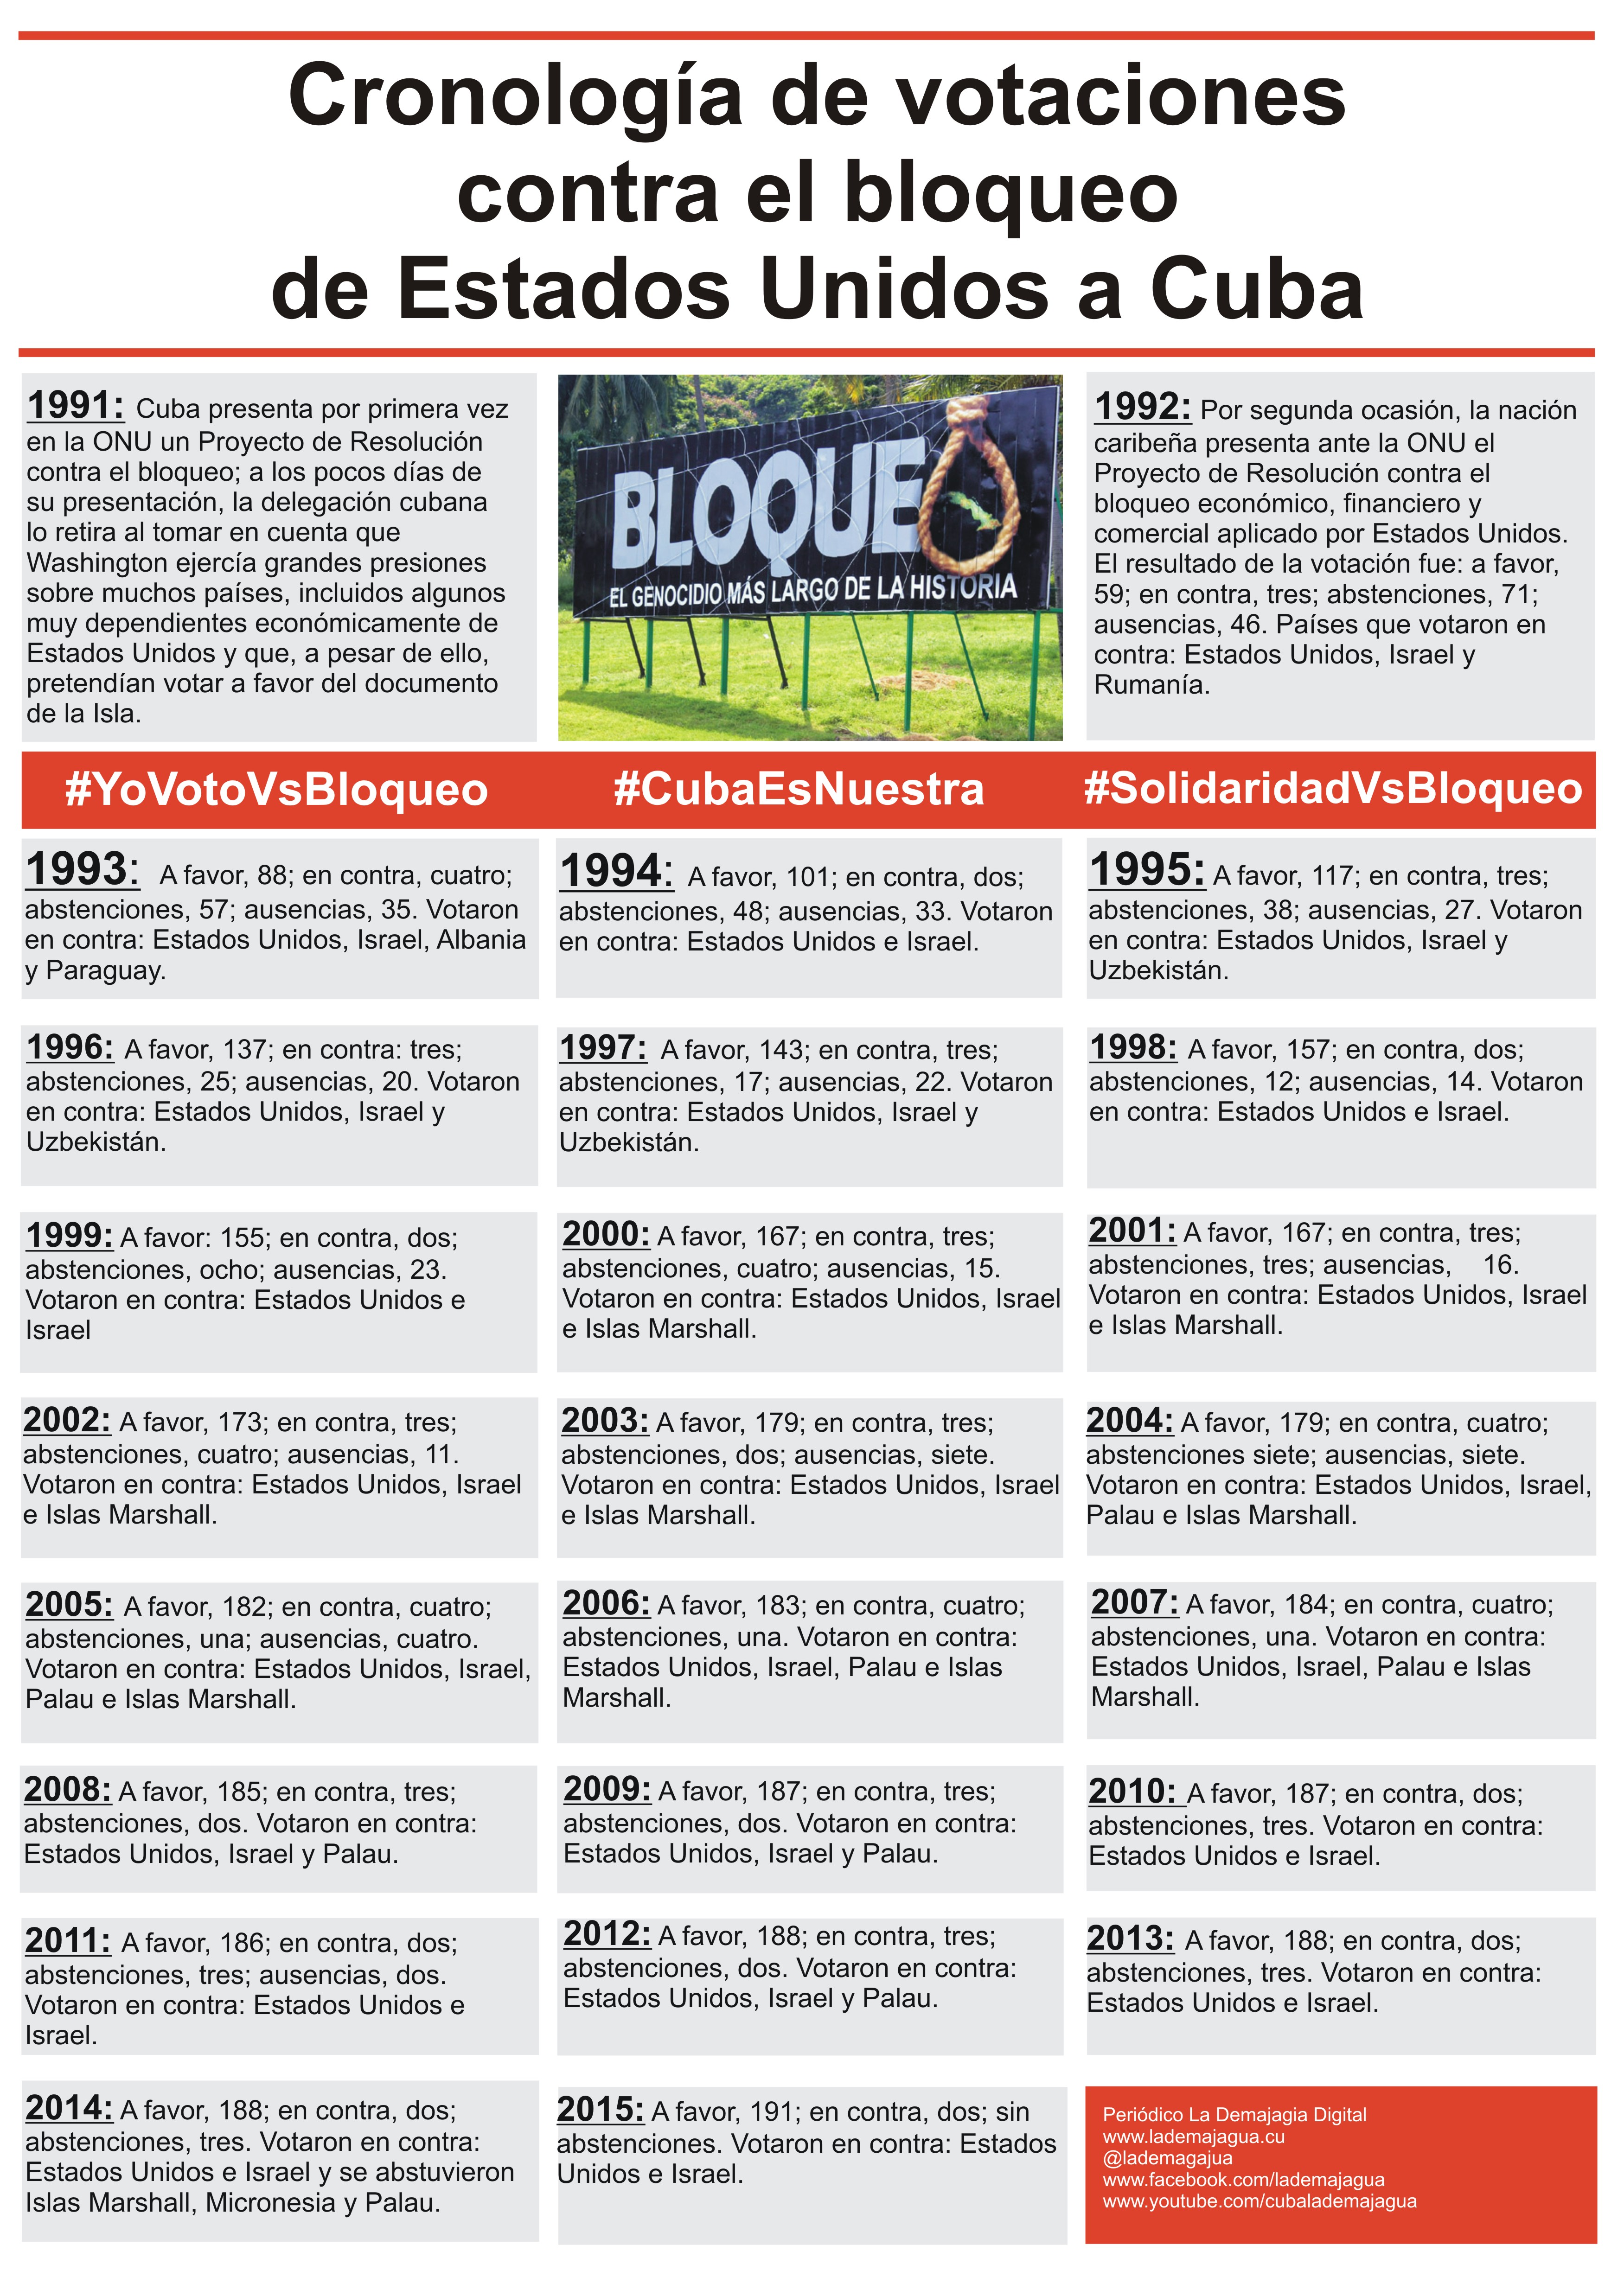 Cronologia del bloqueo a Cuba